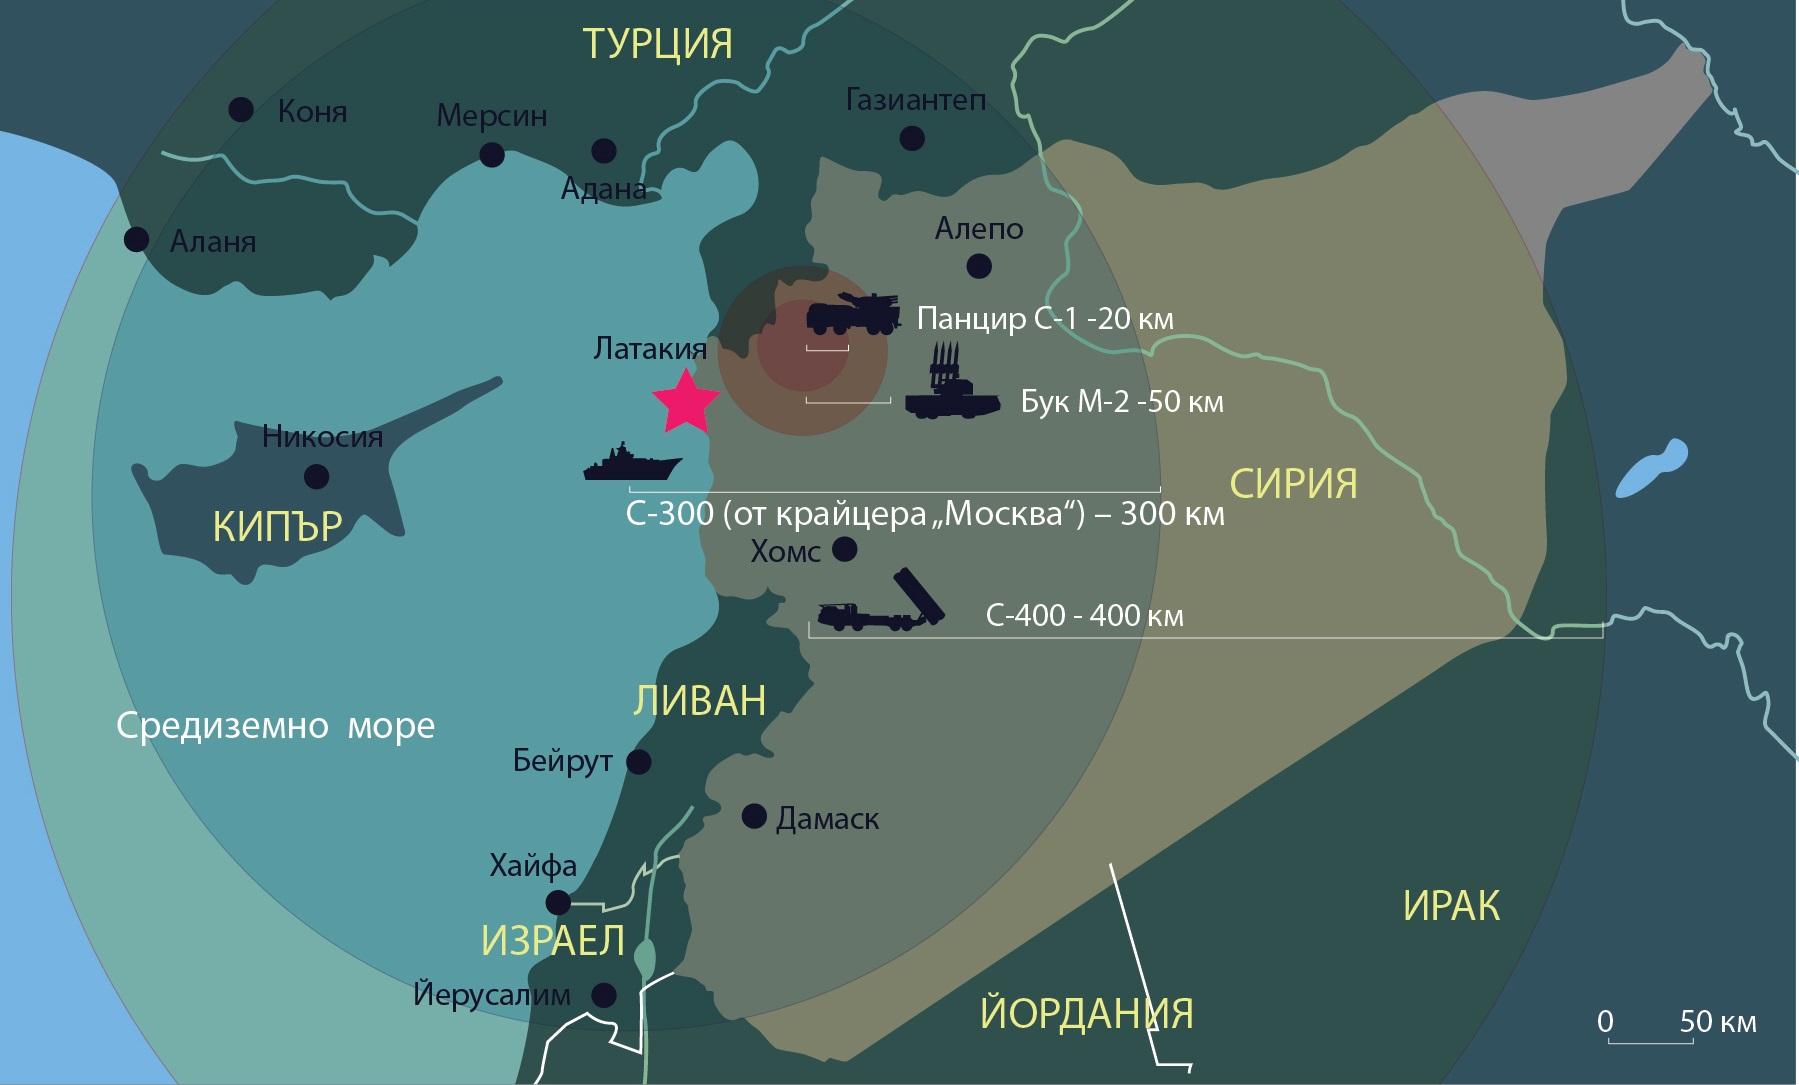 """Зенитната ракетна система С-400 """"Триумф"""" е разположена в руската въздушна база """"Хмеймим"""" в Латакия, за да осигурява по-ефективна защита на района, където руските въздушни сили извършват авиоудари. Сега Русия има съвременна отбранителна система в Сирия, която функционира на разстояние от 20 до 400 км и на надморска височина от 3000 до 30 000 м. Тази инфографика на """"Руски дневник"""" показва как Русия гарантира сигурността на своите самолети в Сирия."""